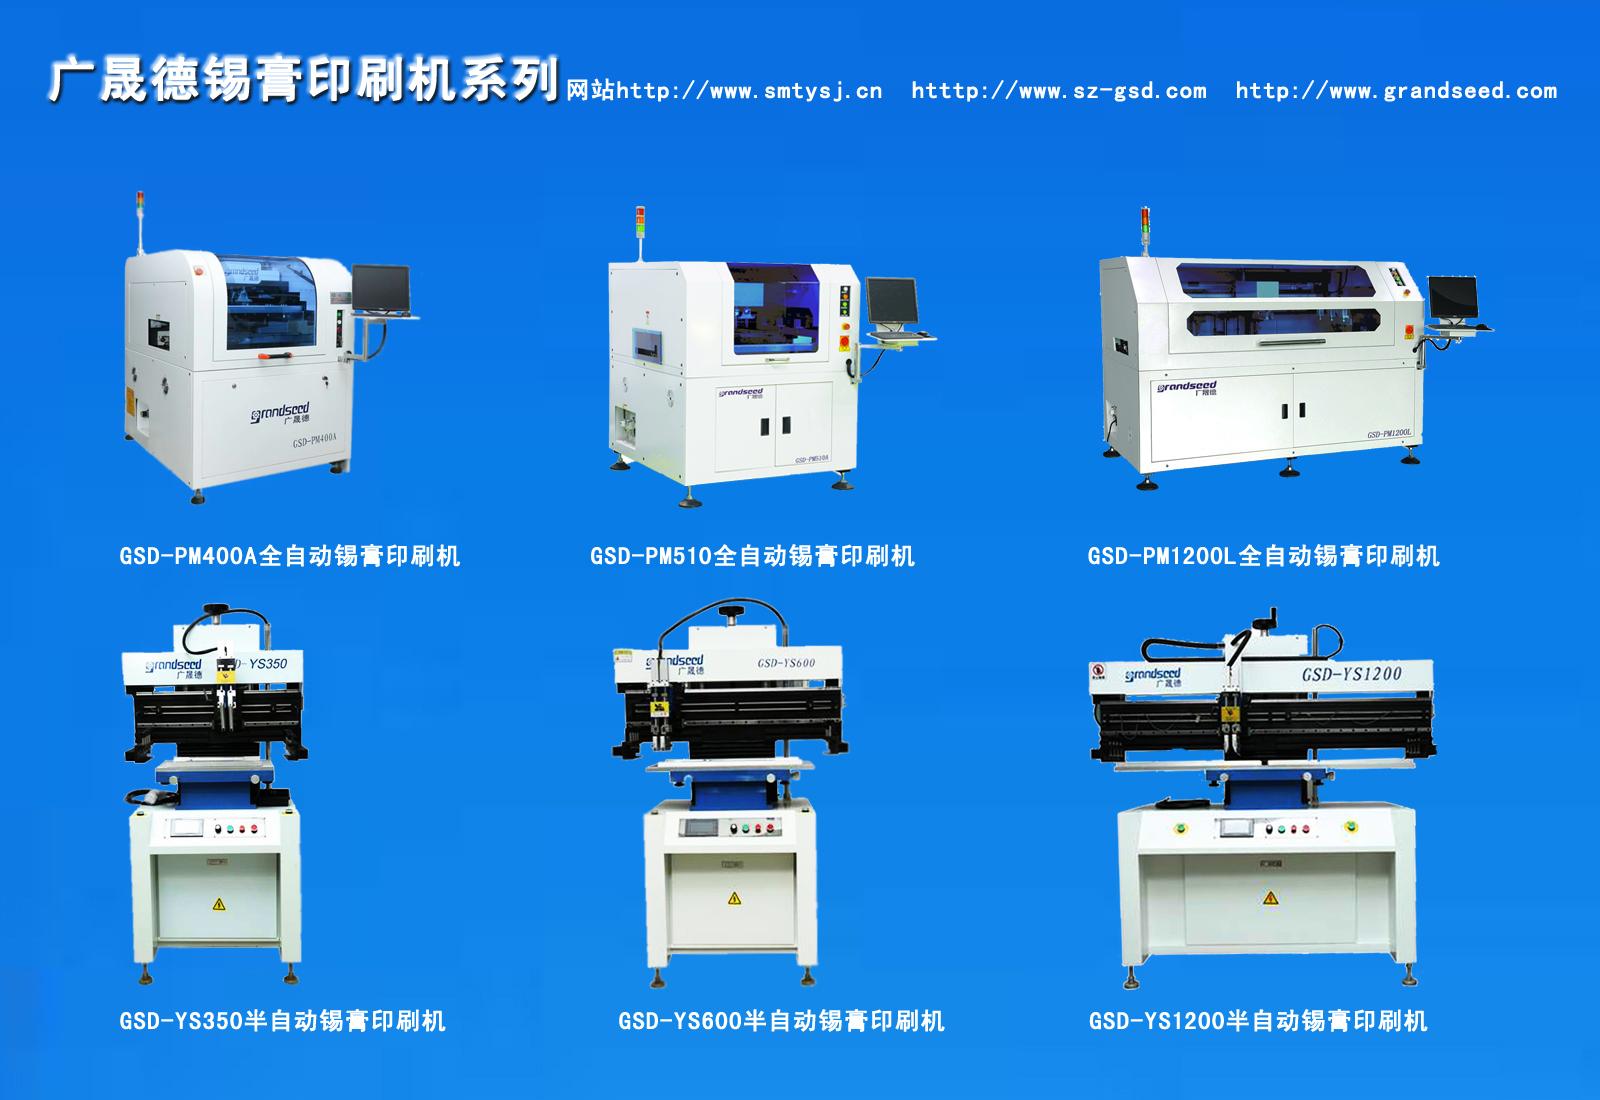 全自动锡膏印刷机操作流程指导